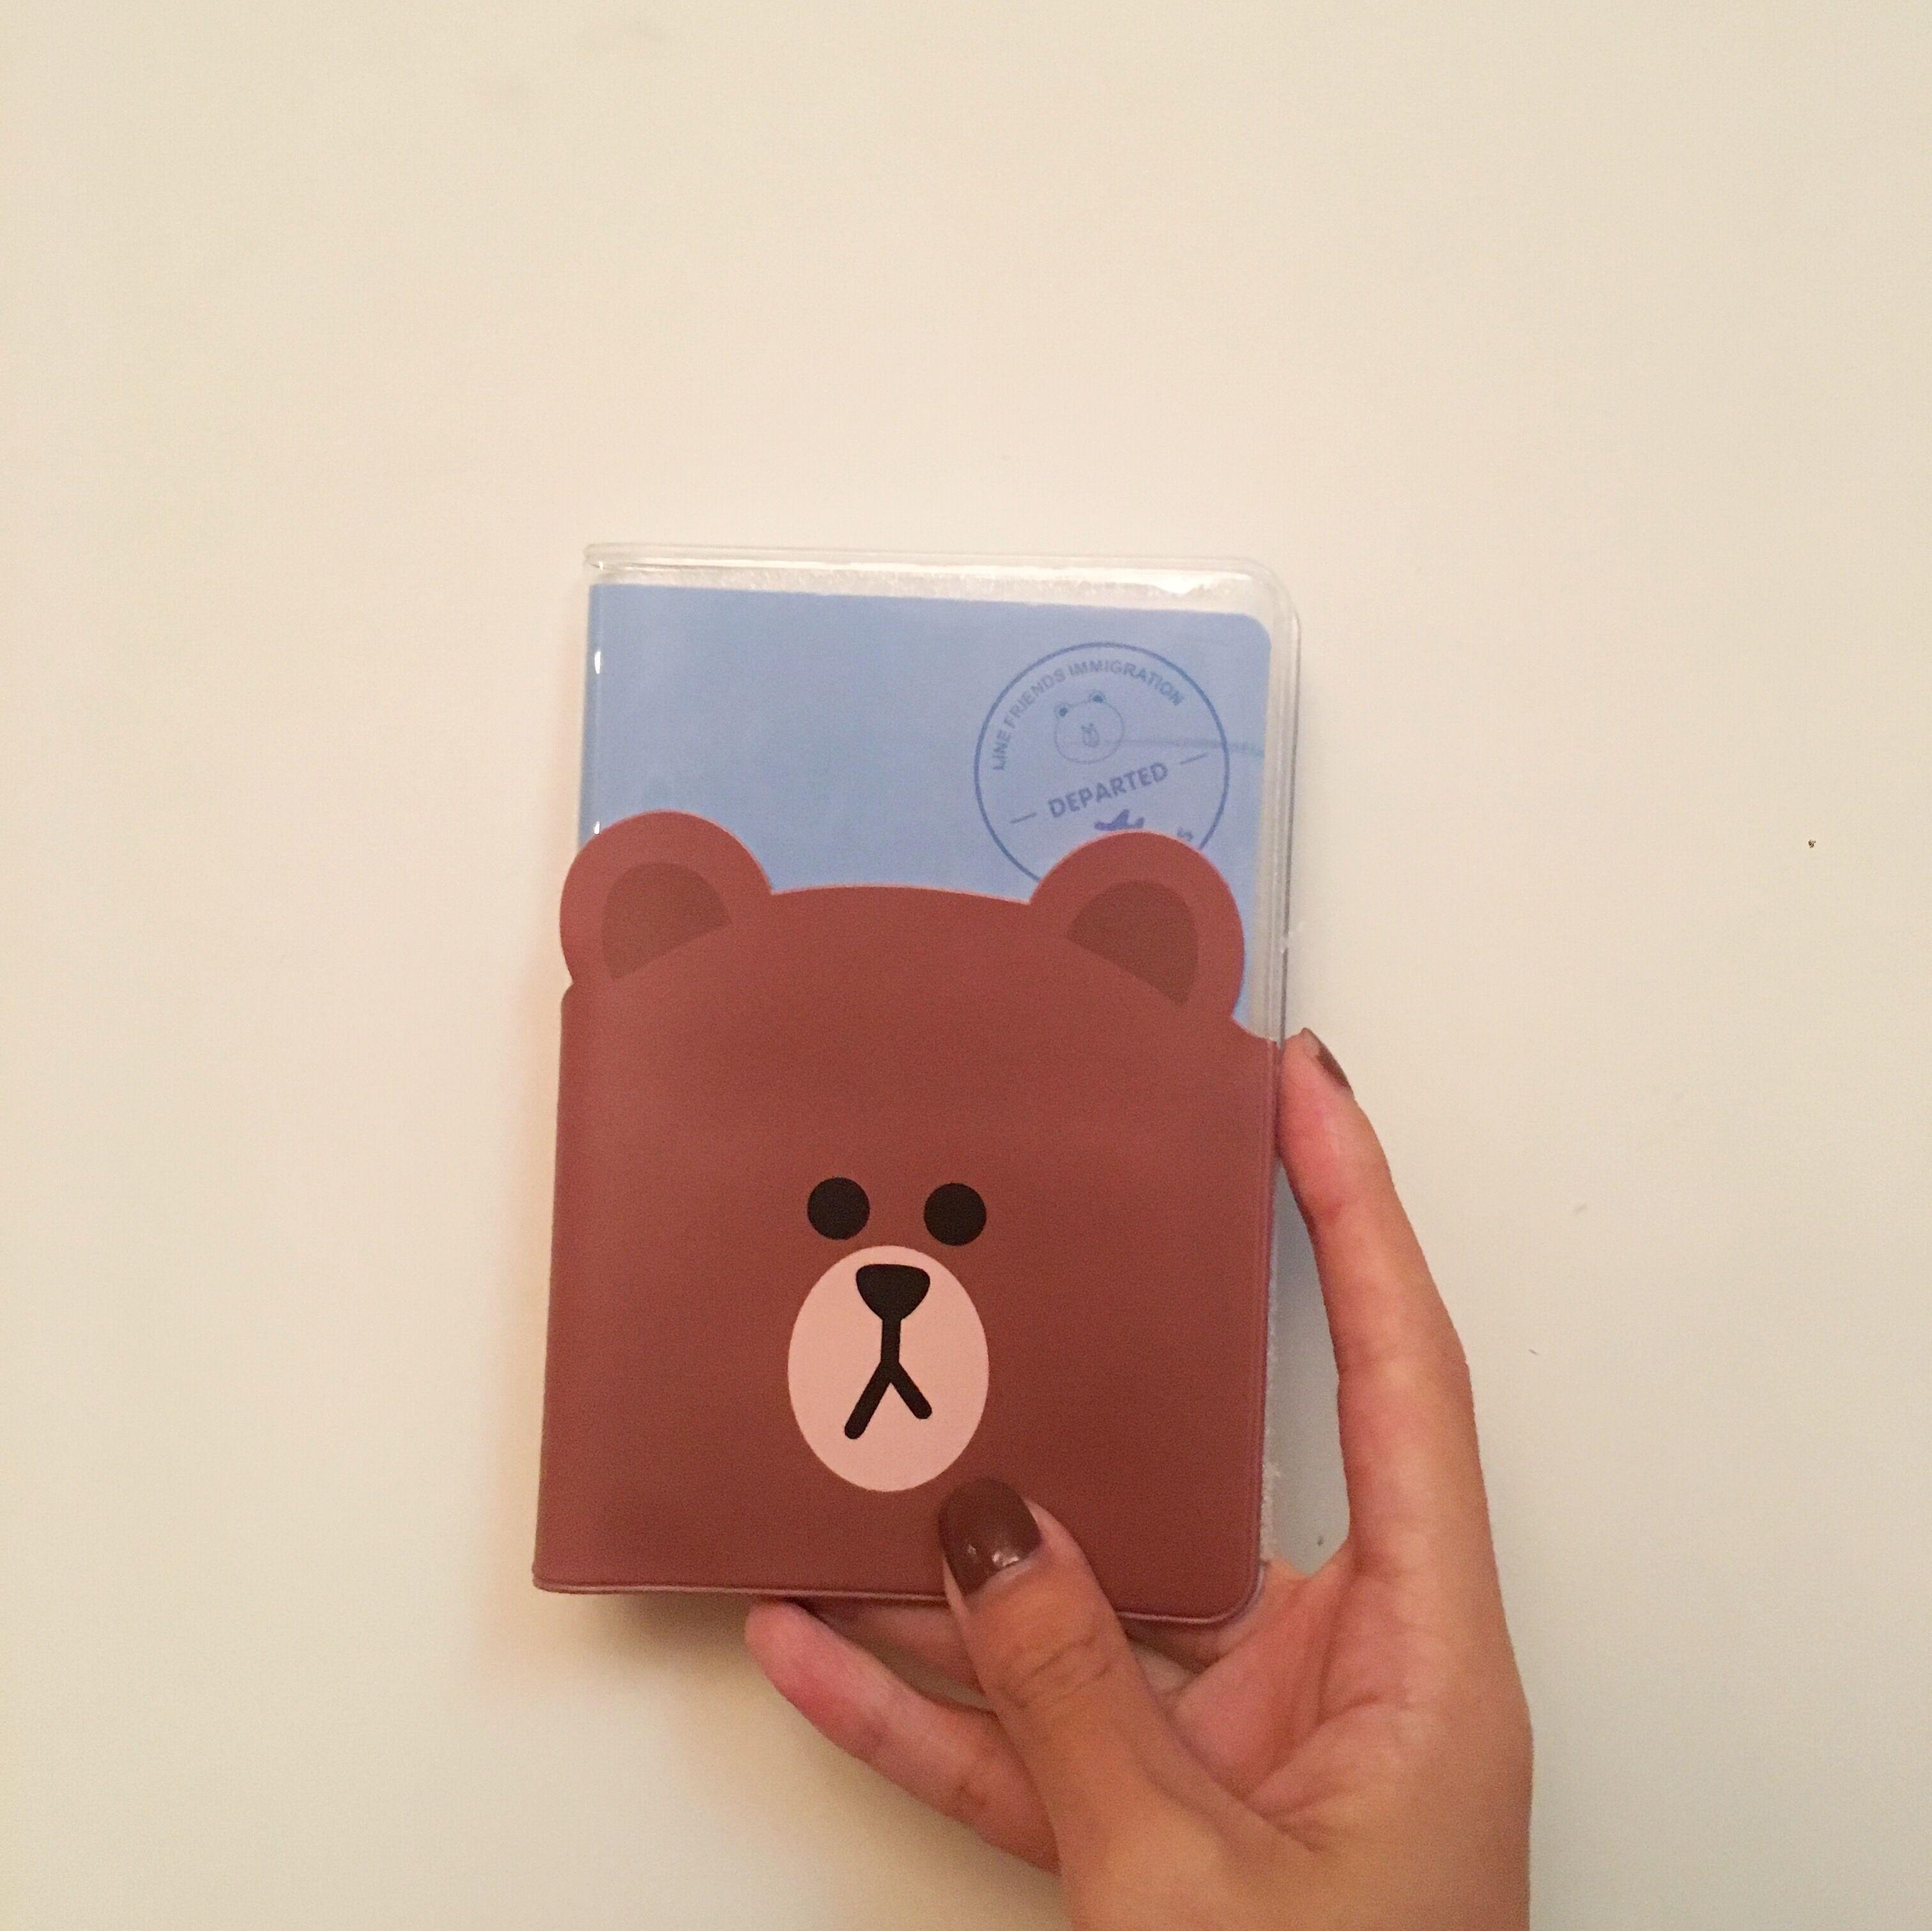 Hongren cô gái tùy chỉnh Hàn Quốc dòng gấu Nâu dễ thương tài liệu giữ hộ chiếu bộ giới hạn thời gian tại chỗ khuyến mãi